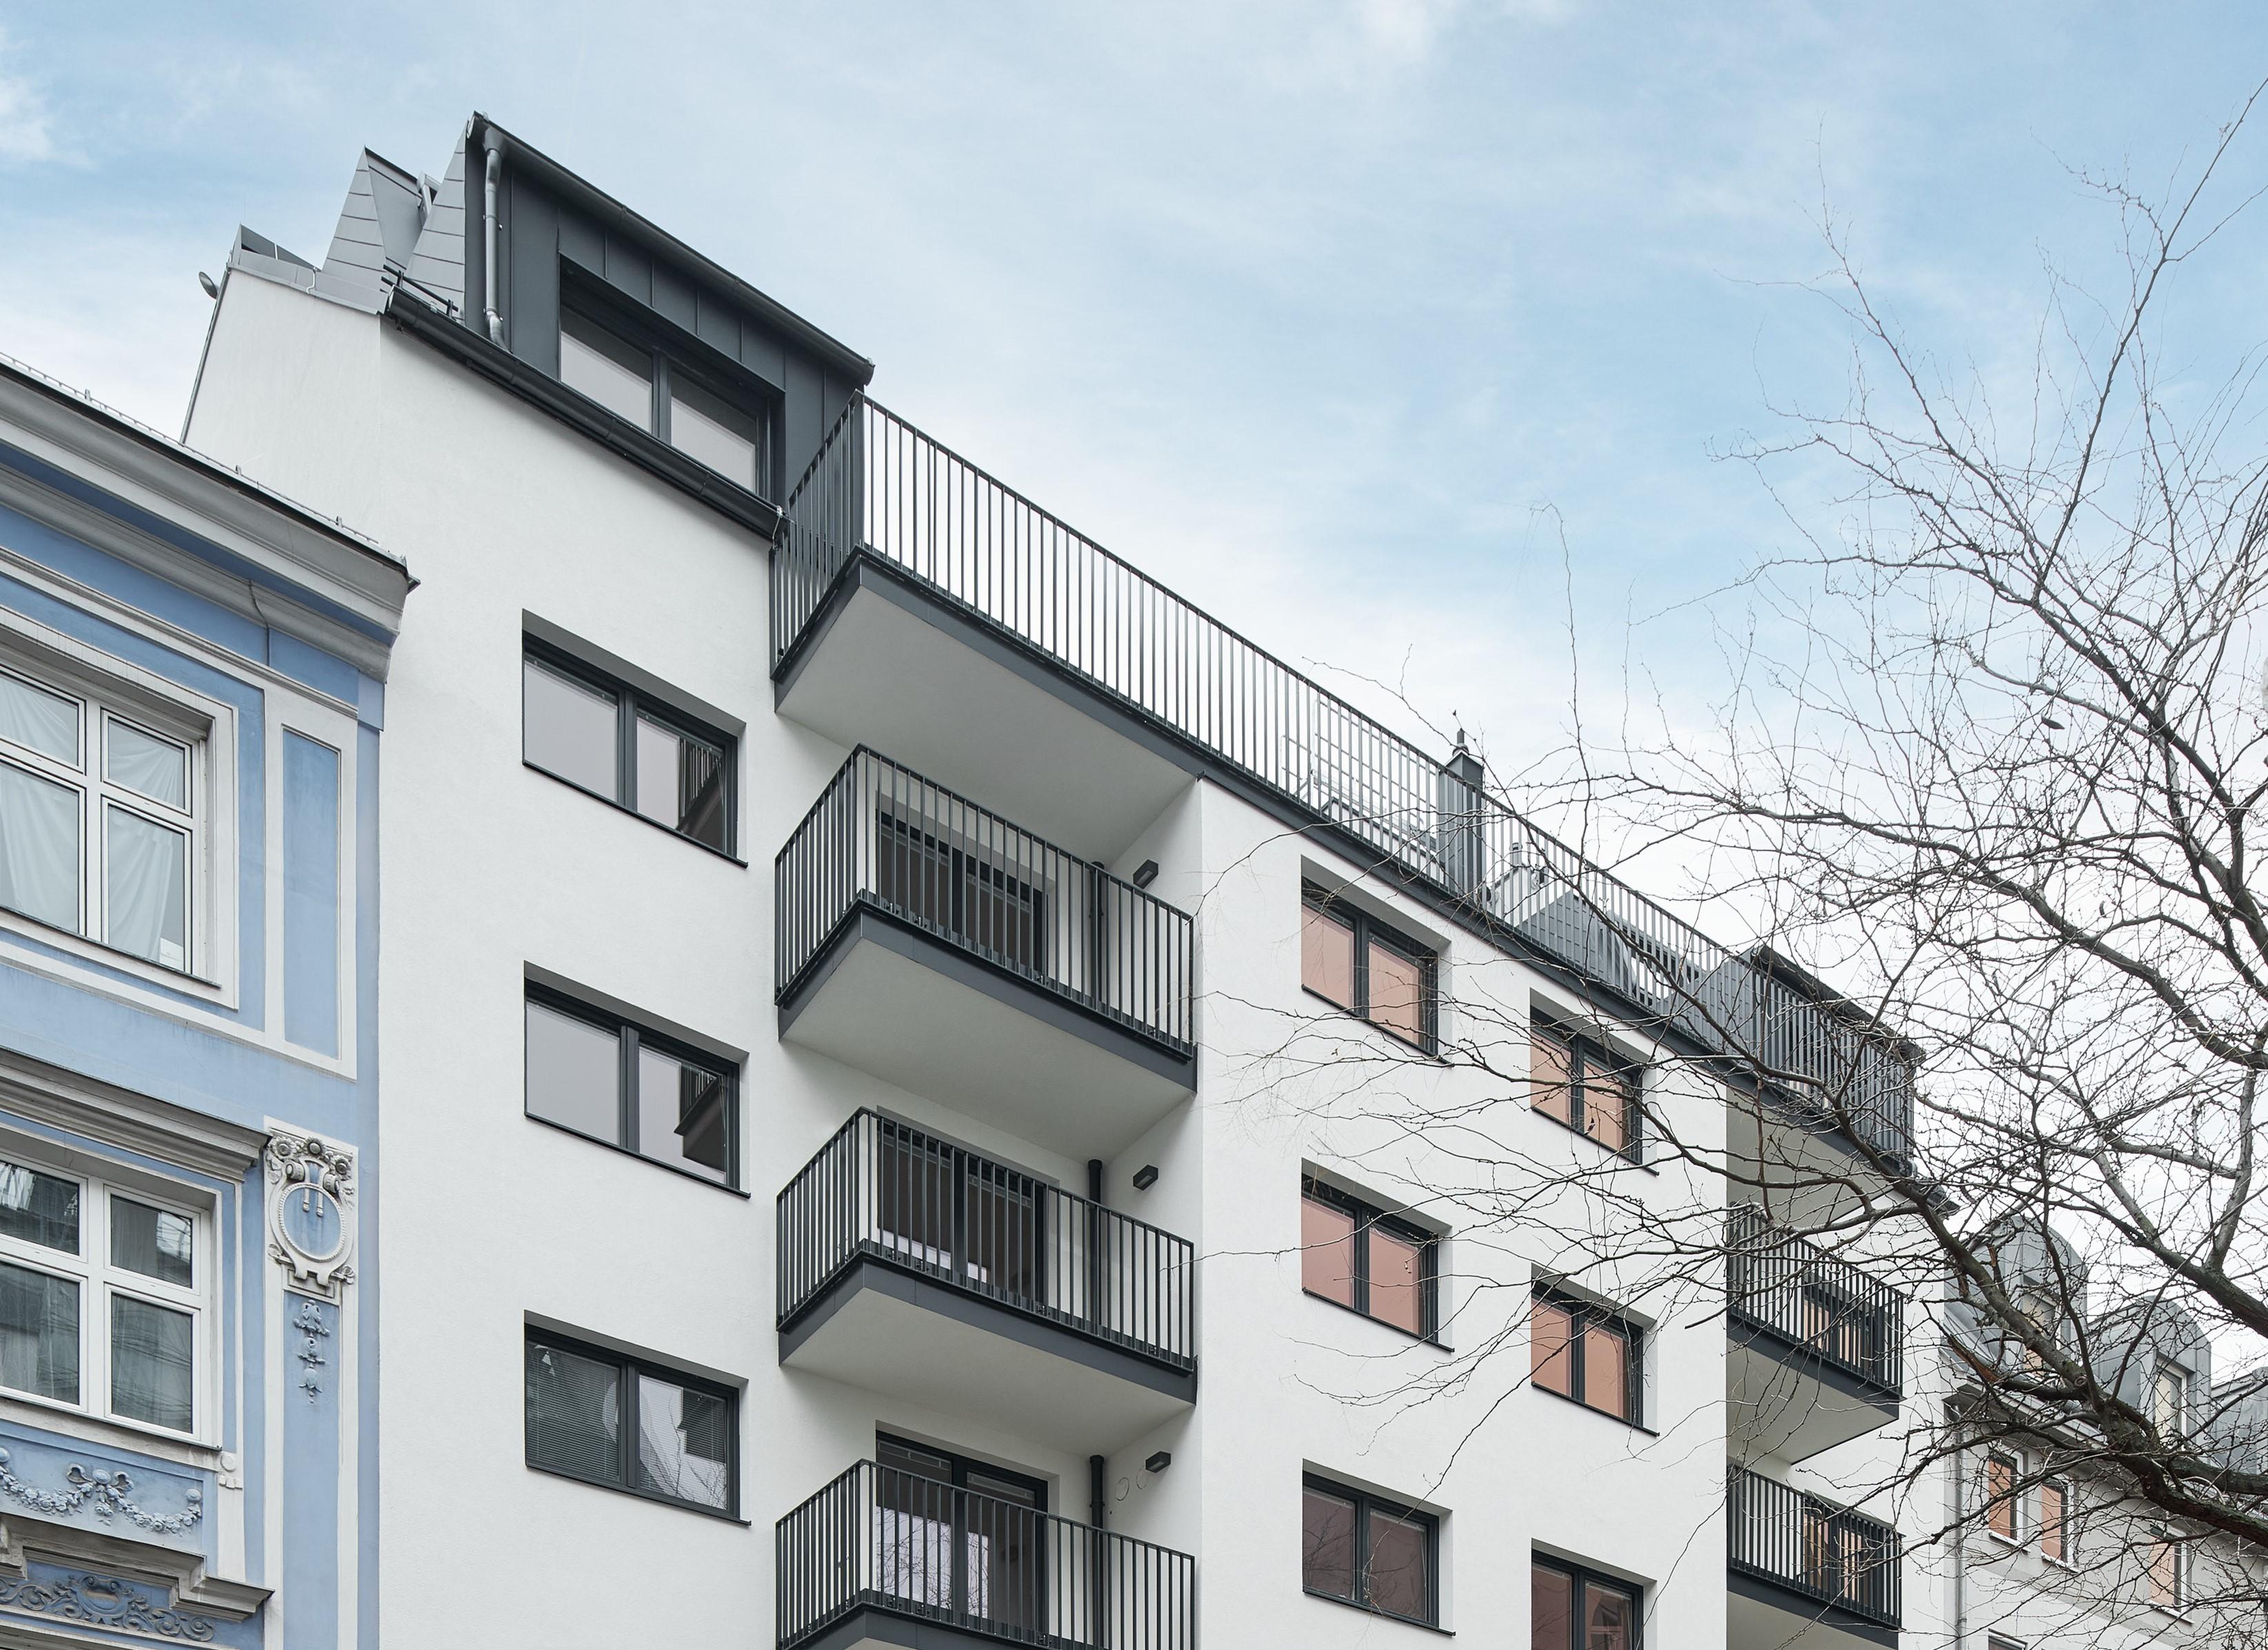 Schlüsselübergabe bei Niedrigenergie-Neubau in Favoriten